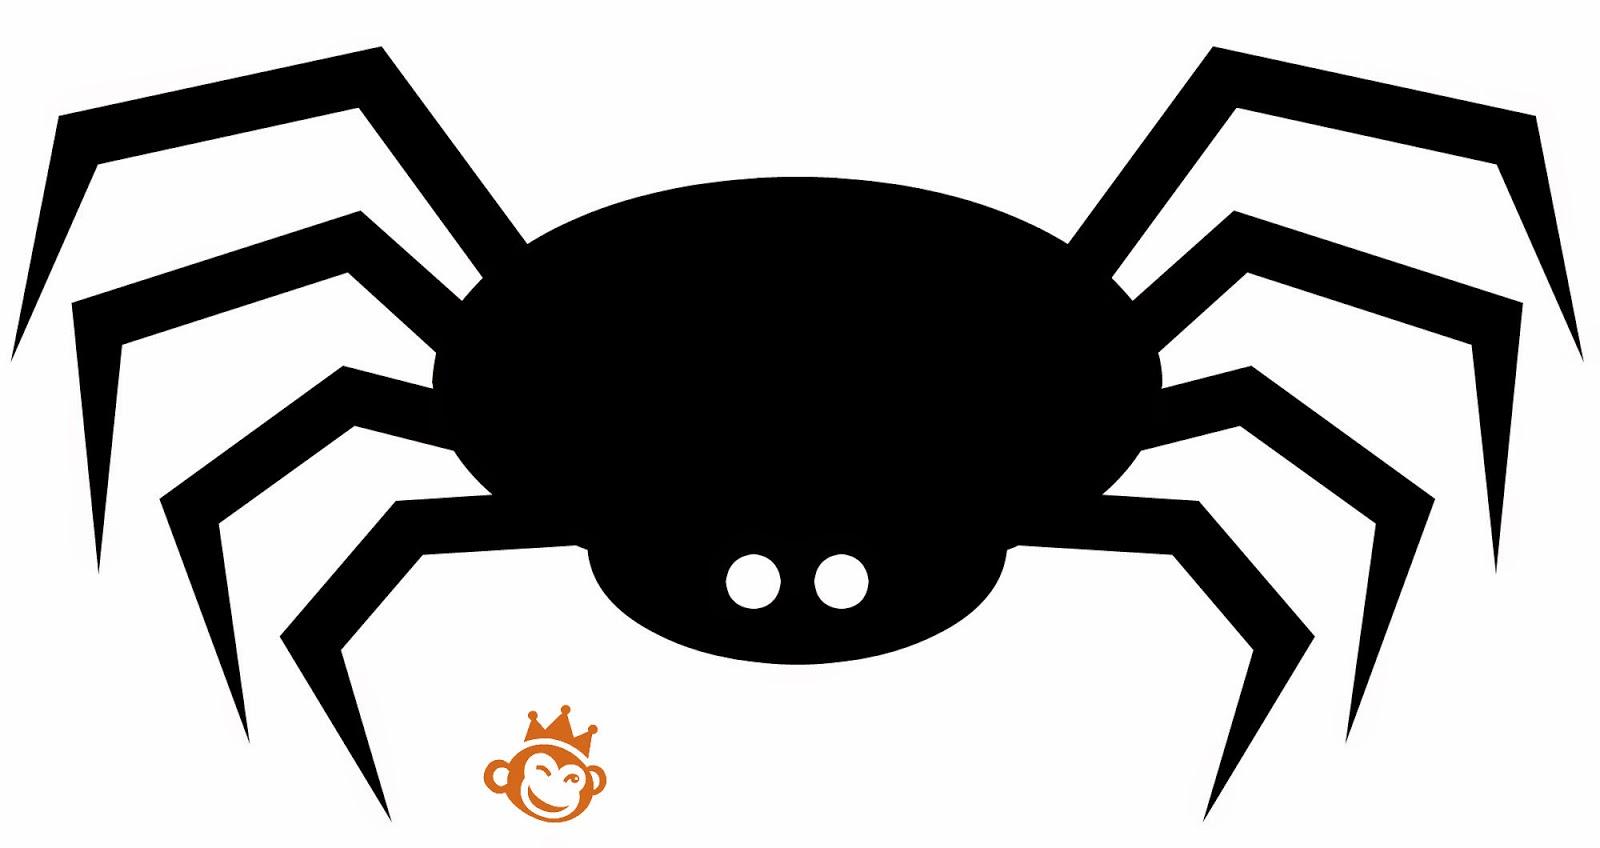 Arañas De Halloween Para Colorear: Dibujos Araas Halloween. Affordable Araa De Halloween